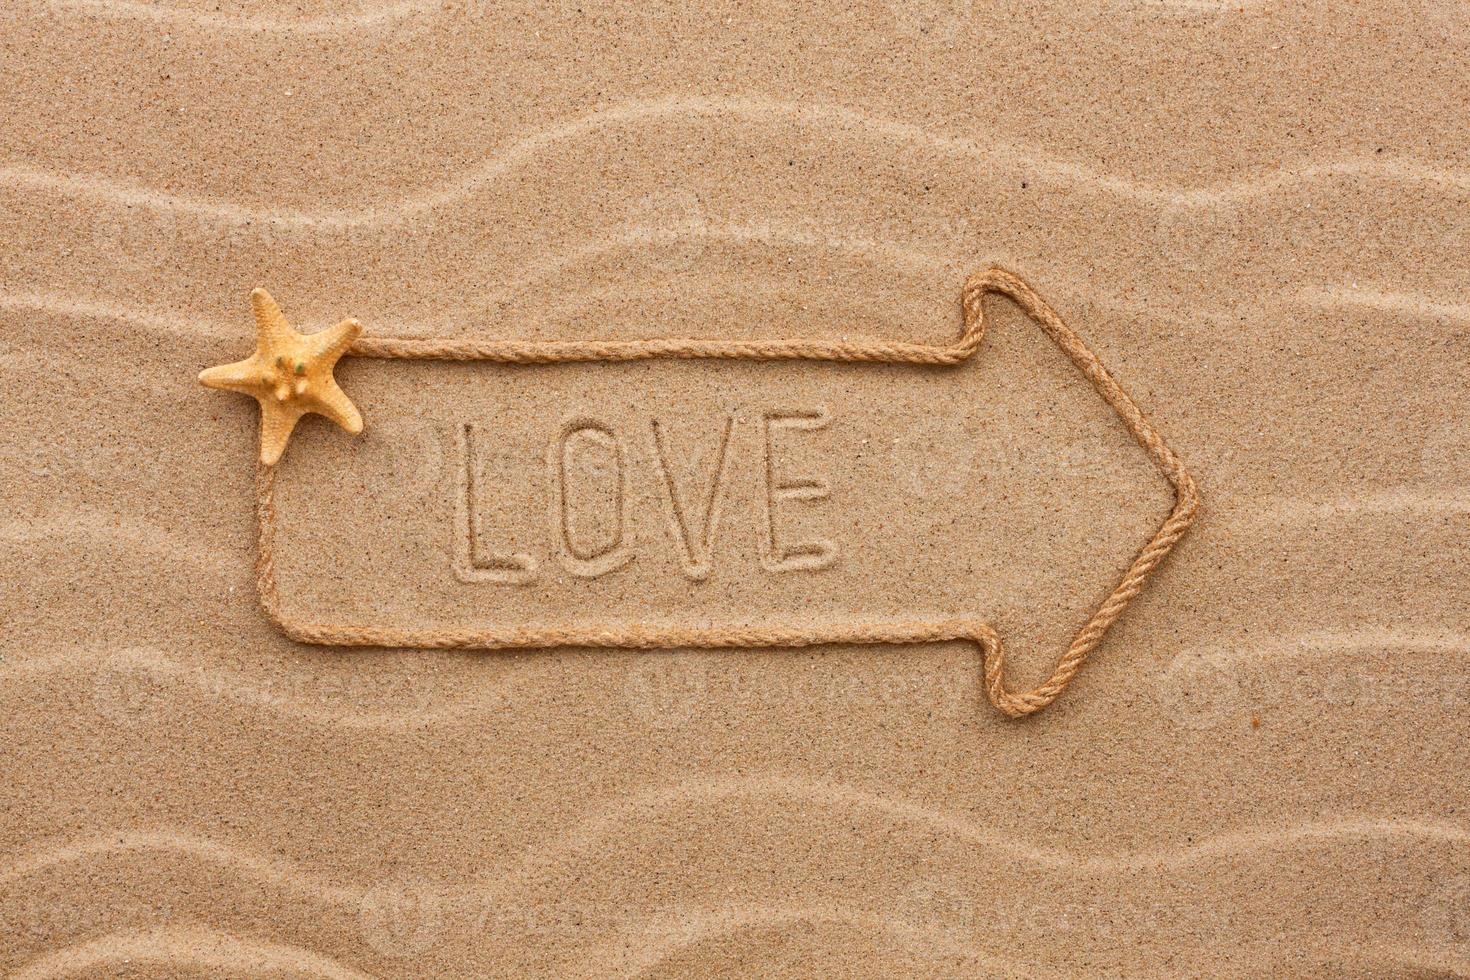 Zeiger aus Seil mit Inschrift Liebe, mit Seestern foto